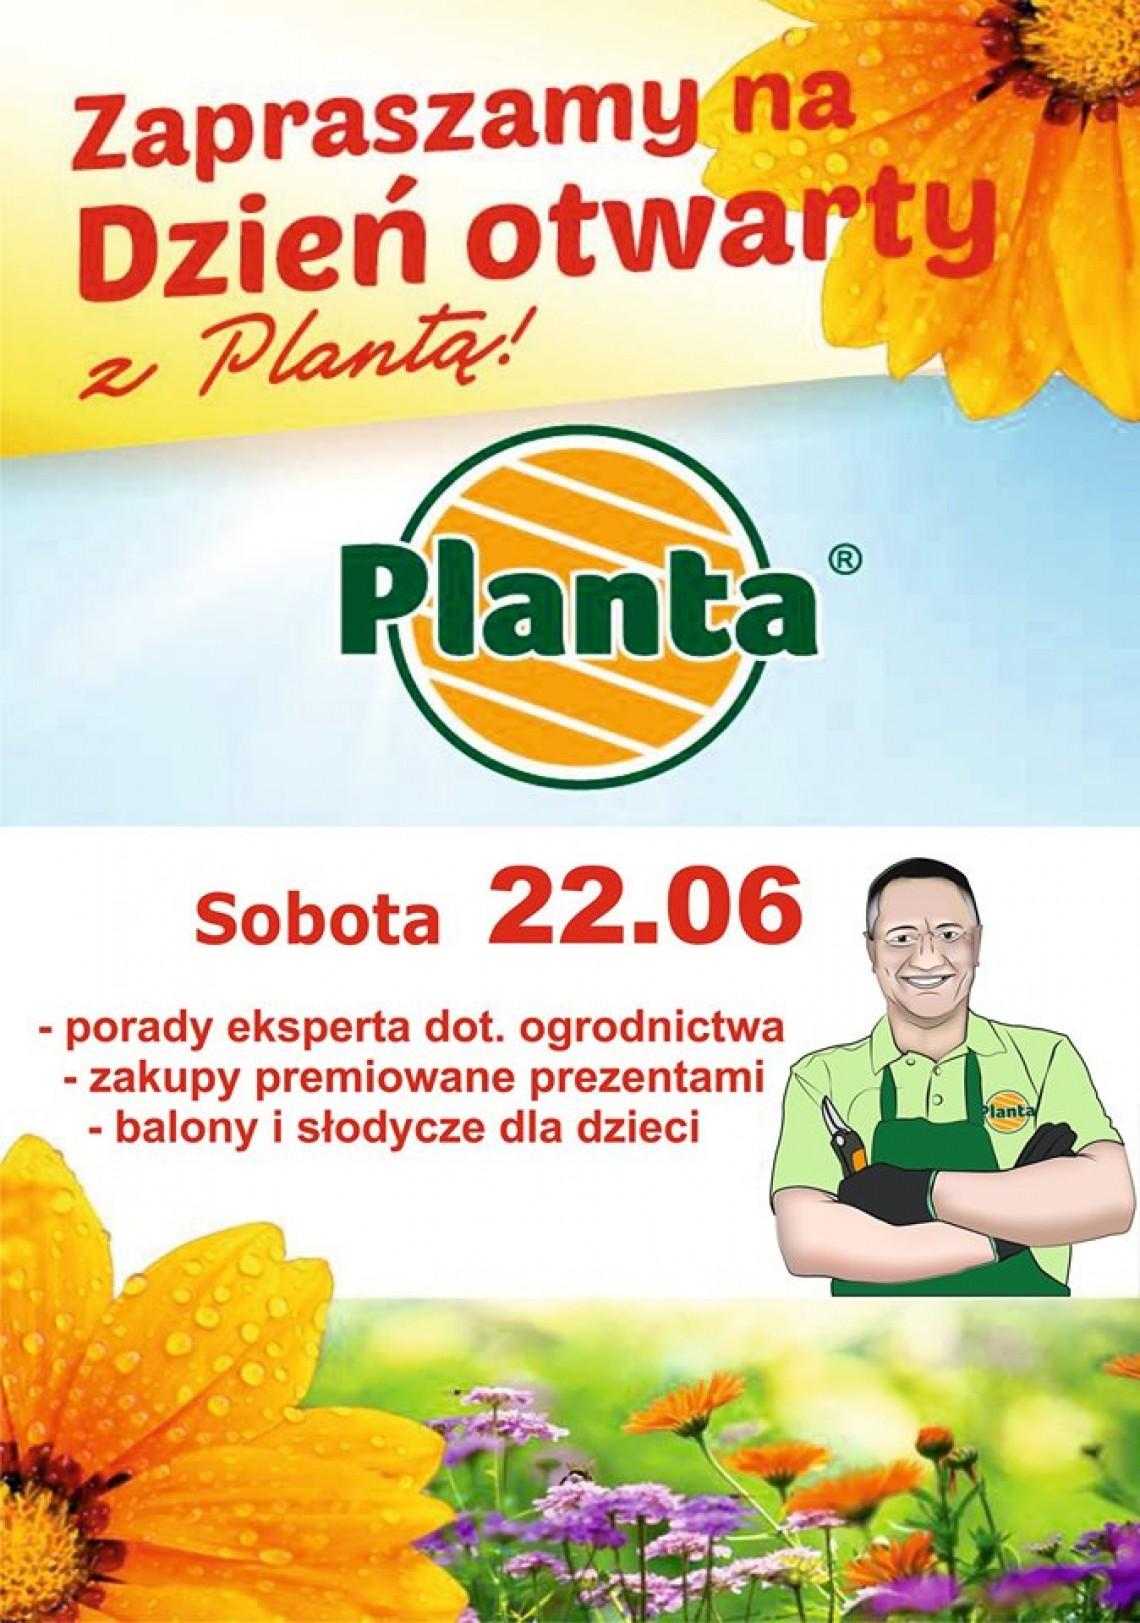 Dzień otwarty z Plantą!